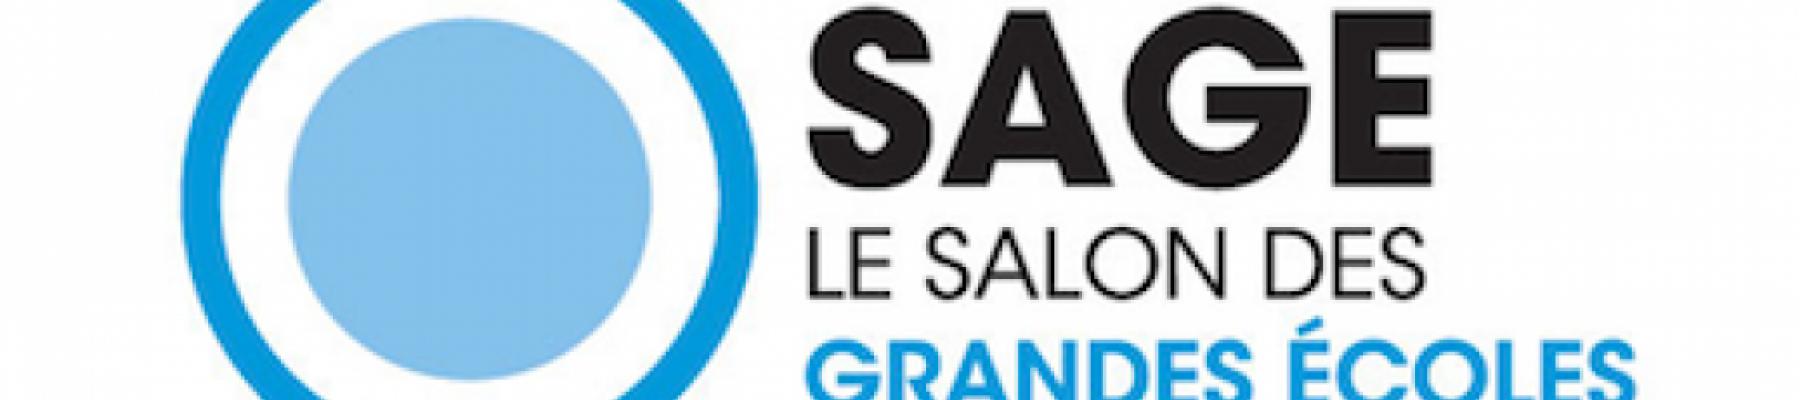 L'ESITC Paris présente sur les salo...